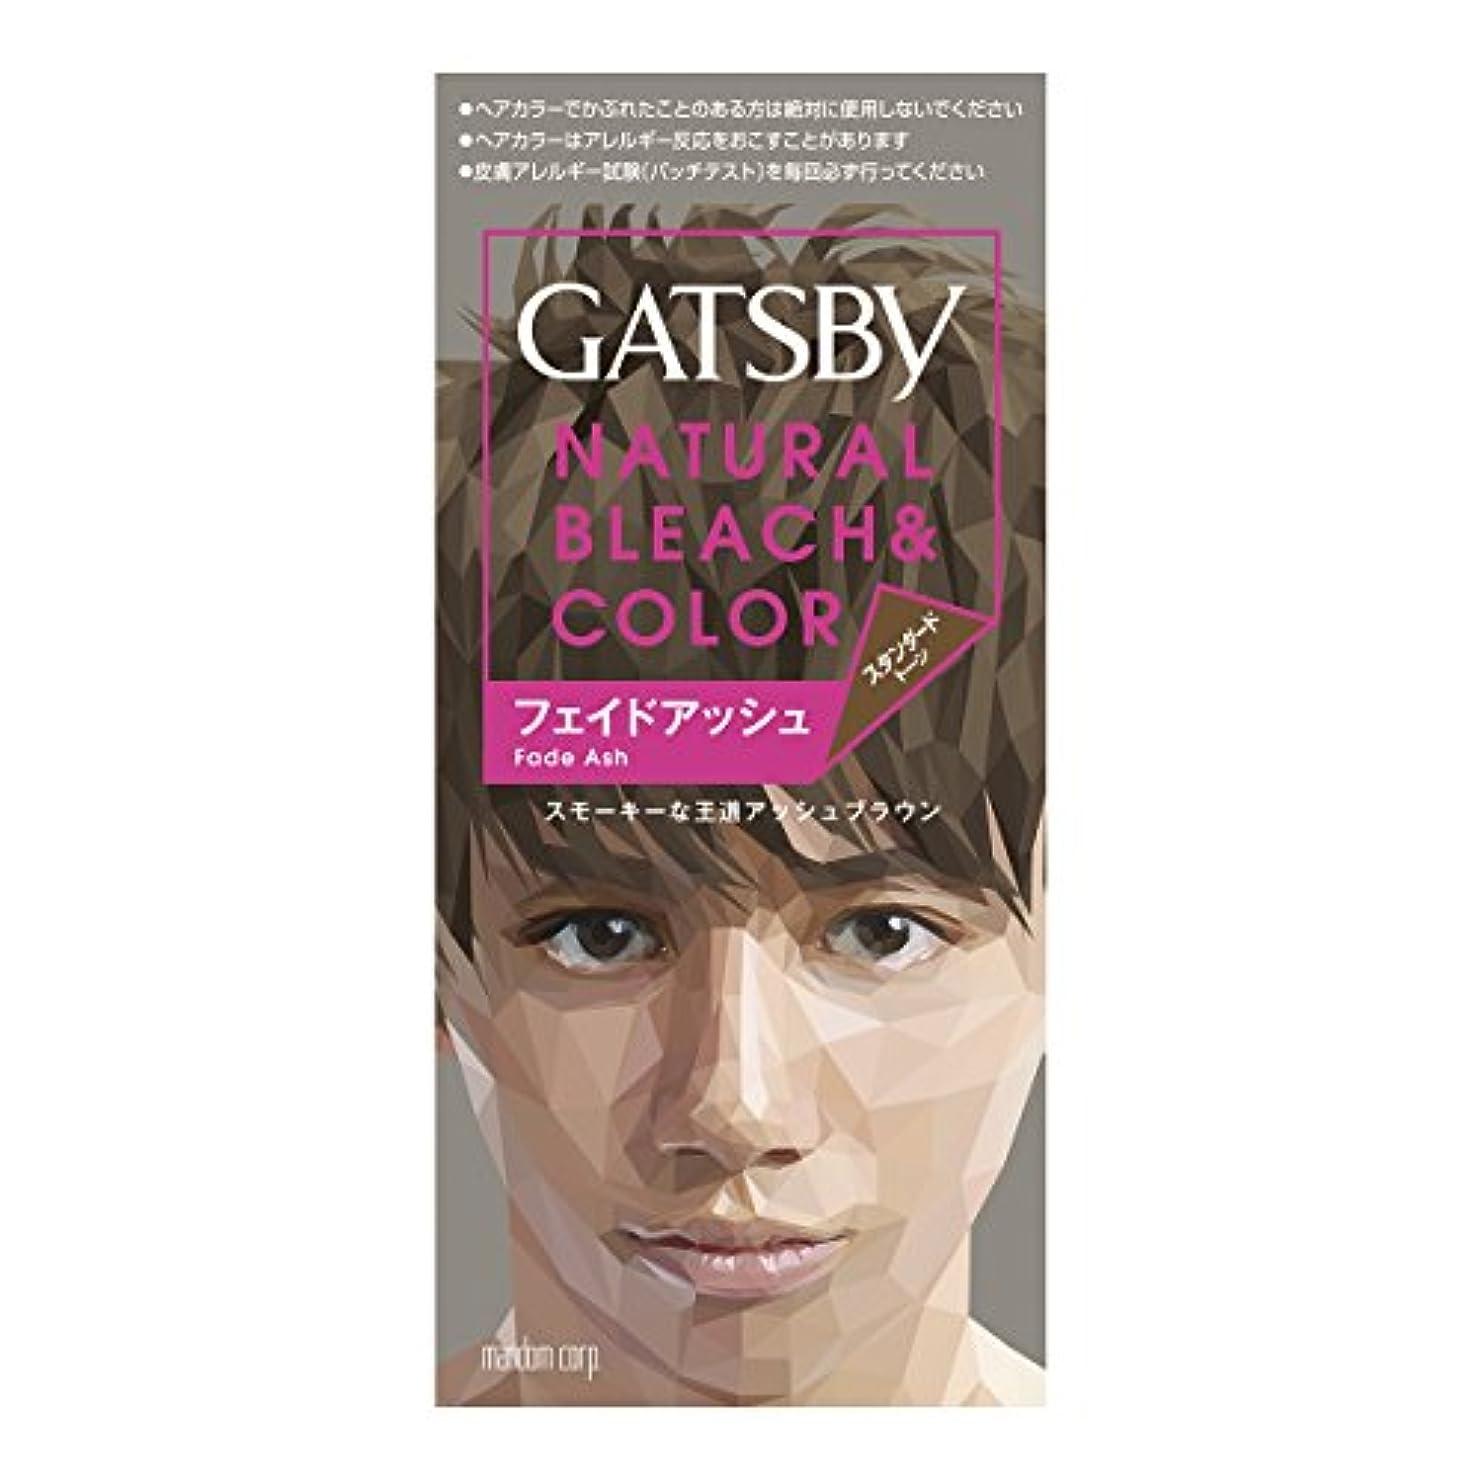 傾向神経橋脚ギャツビー ナチュラルブリーチカラー フェイドアッシュ 1組【HTRC5.1】